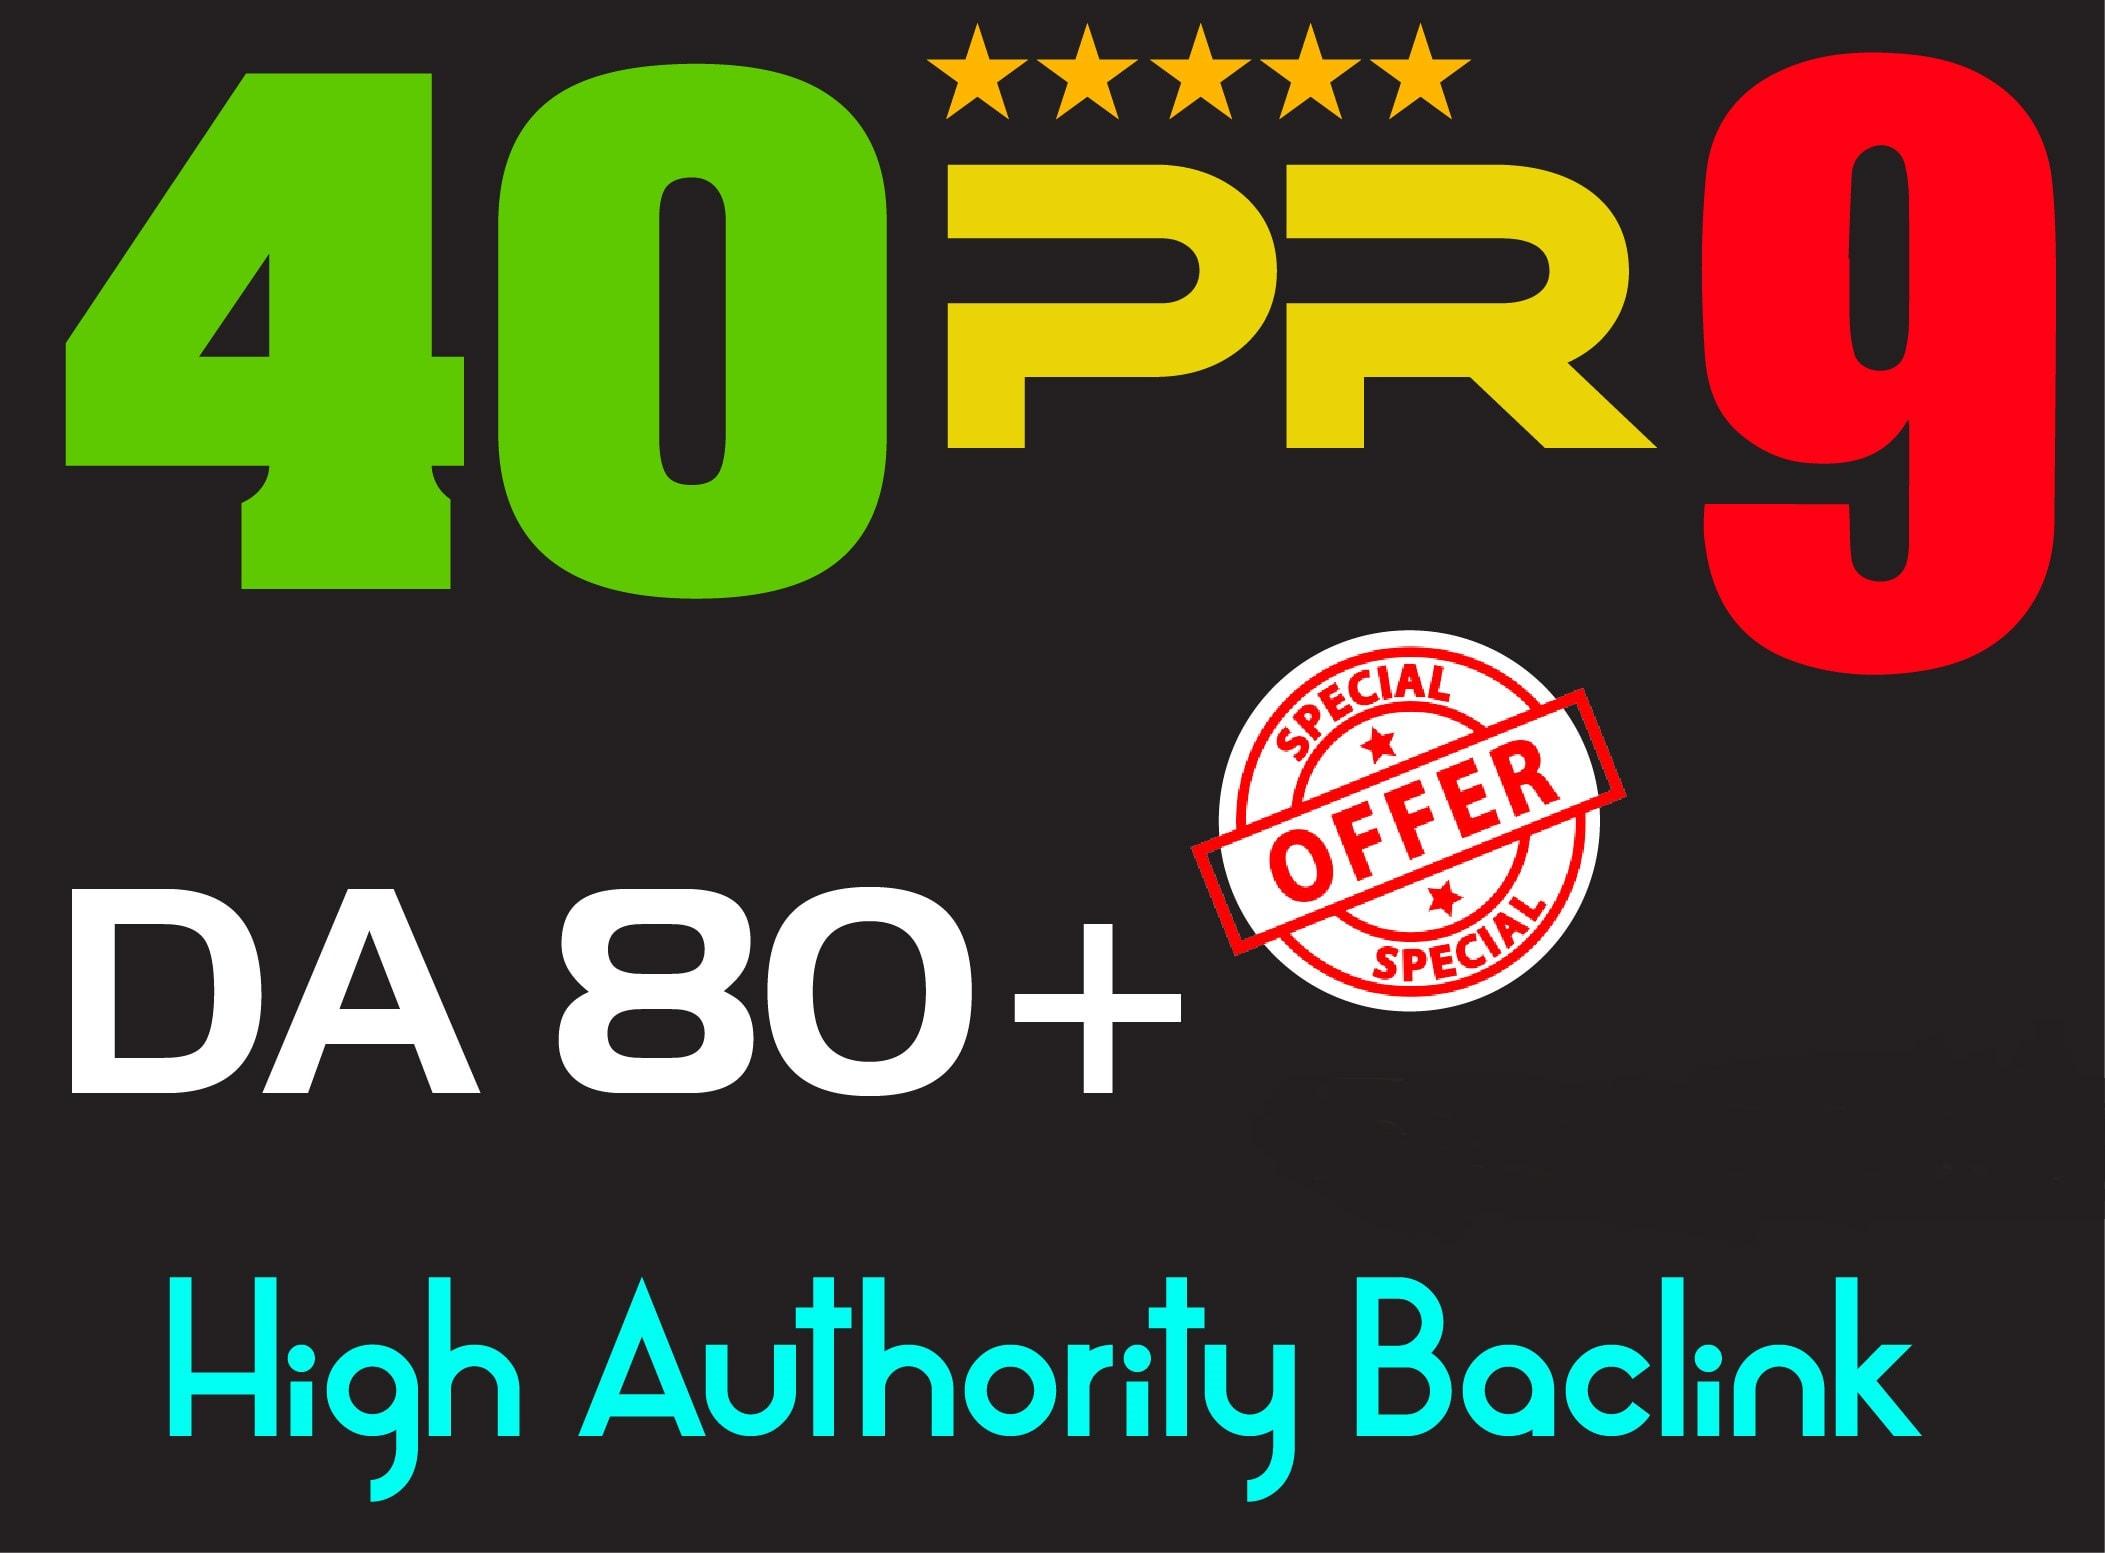 do 40 pr9 backlinks from top 90 da skyrocket SEO service